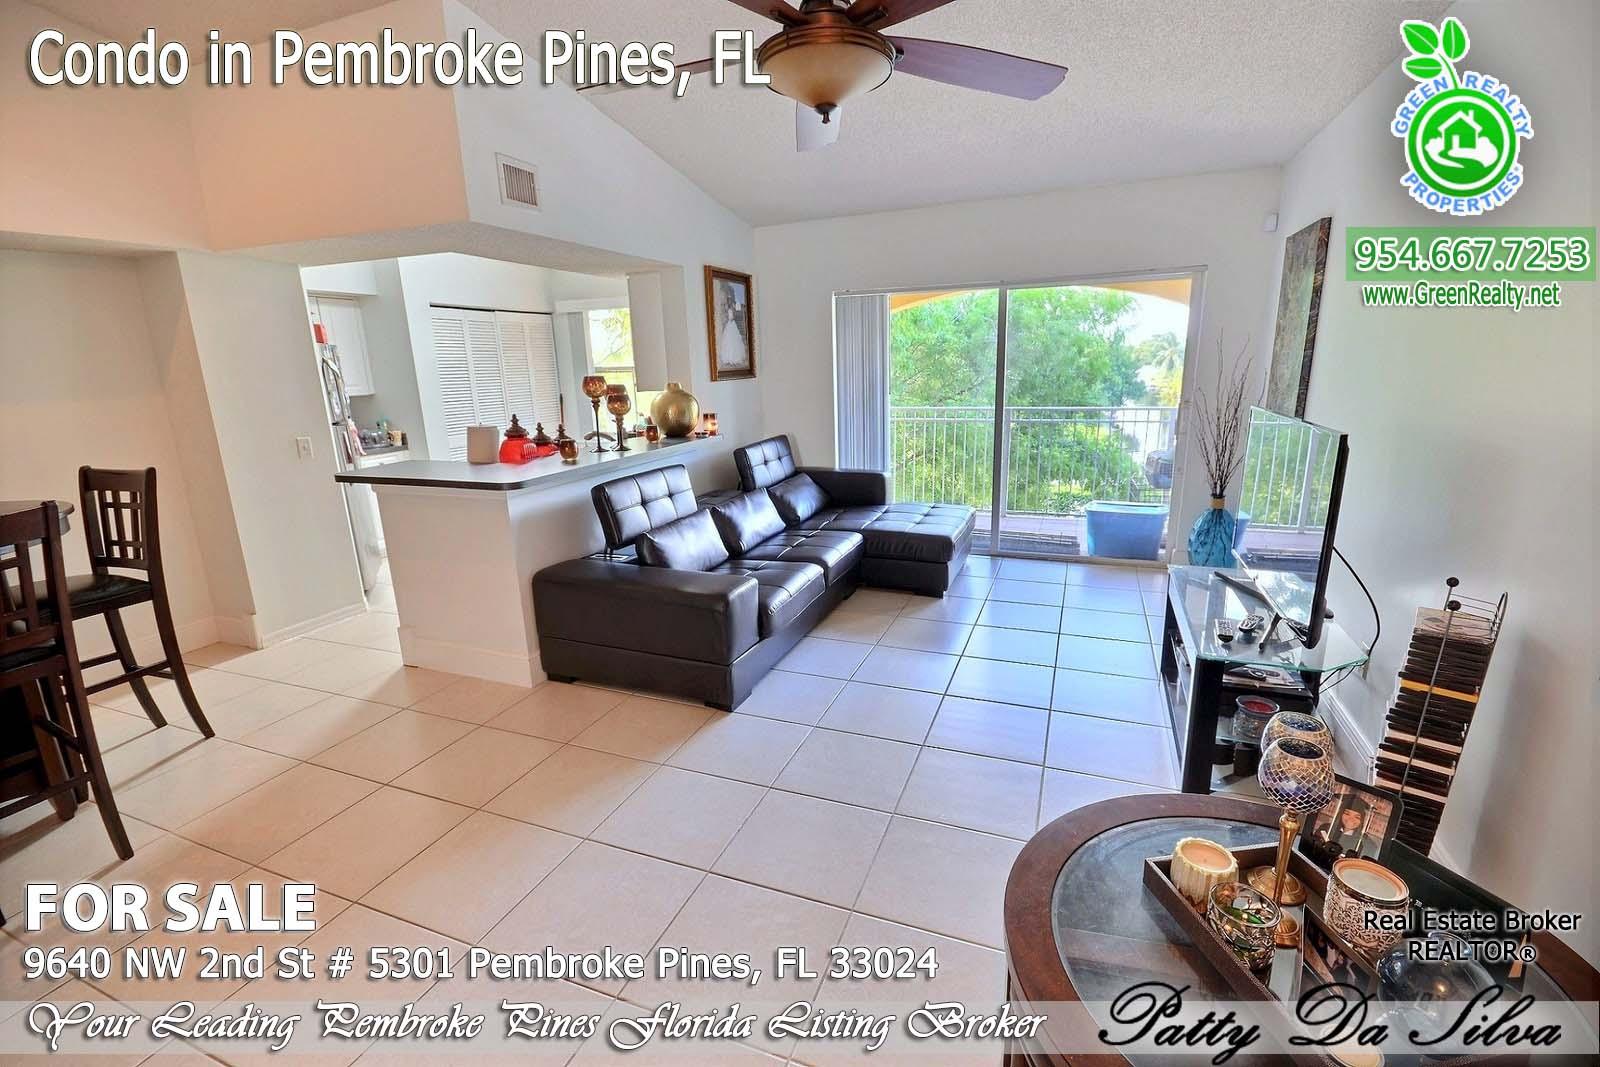 La Via - 9640 NW 2nd St, Pembroke Pines FL 33024 (3)